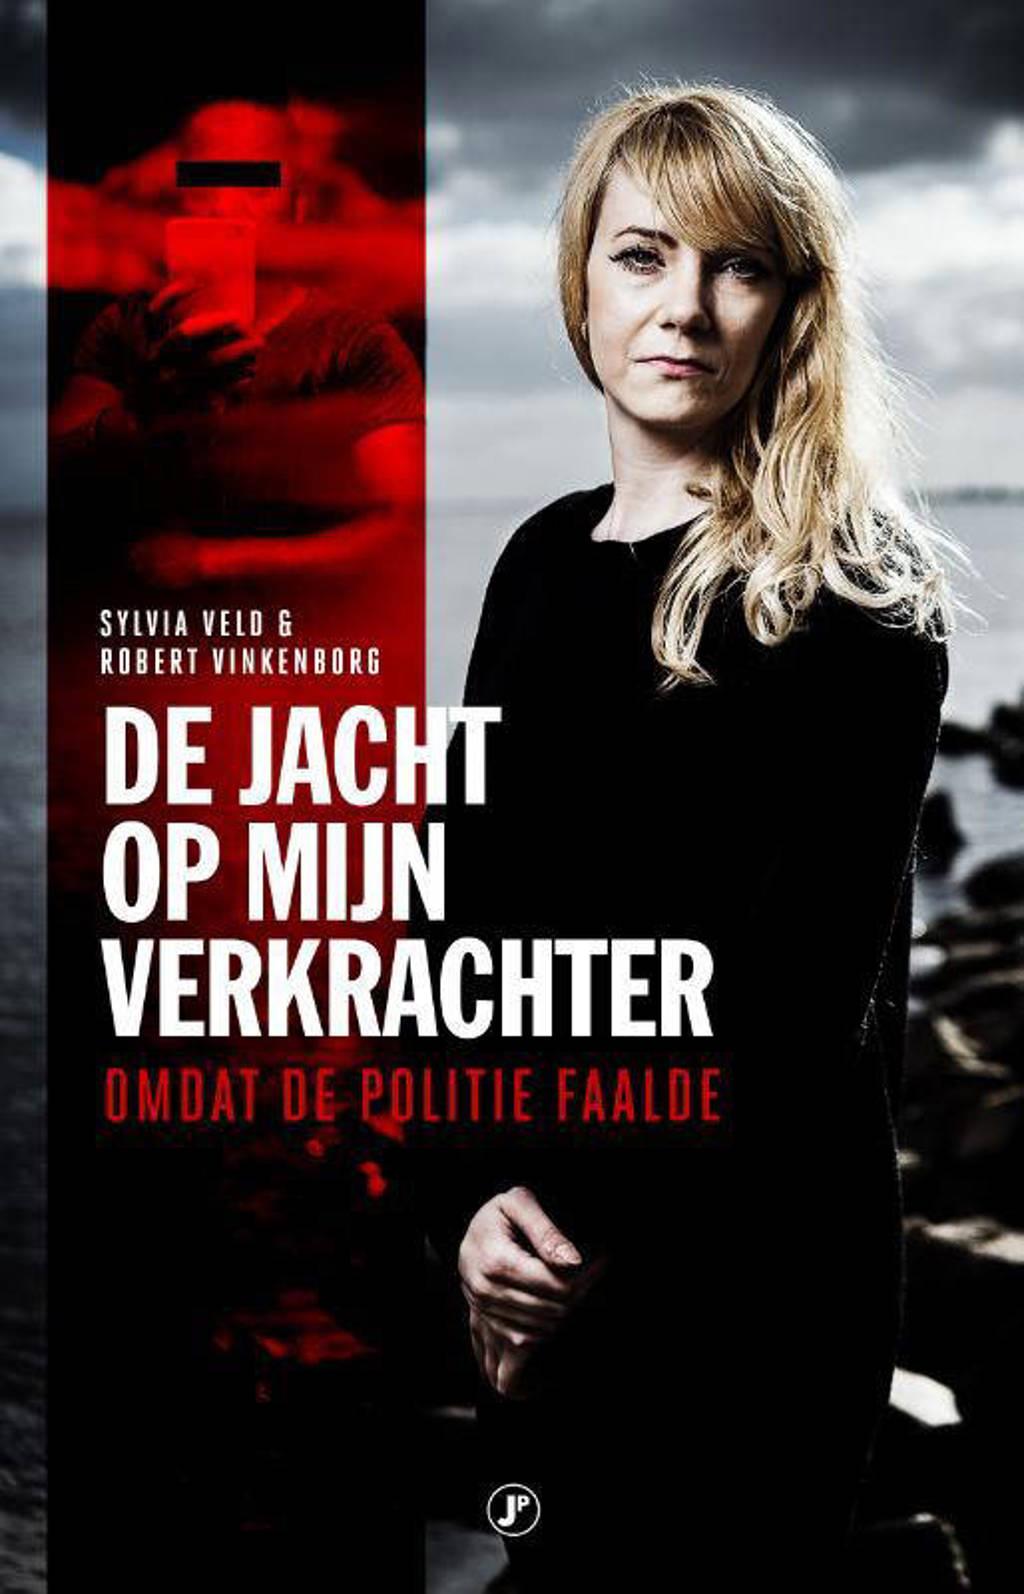 De jacht op mijn verkrachter - Sylvia Veld en Robert Vinkenborg